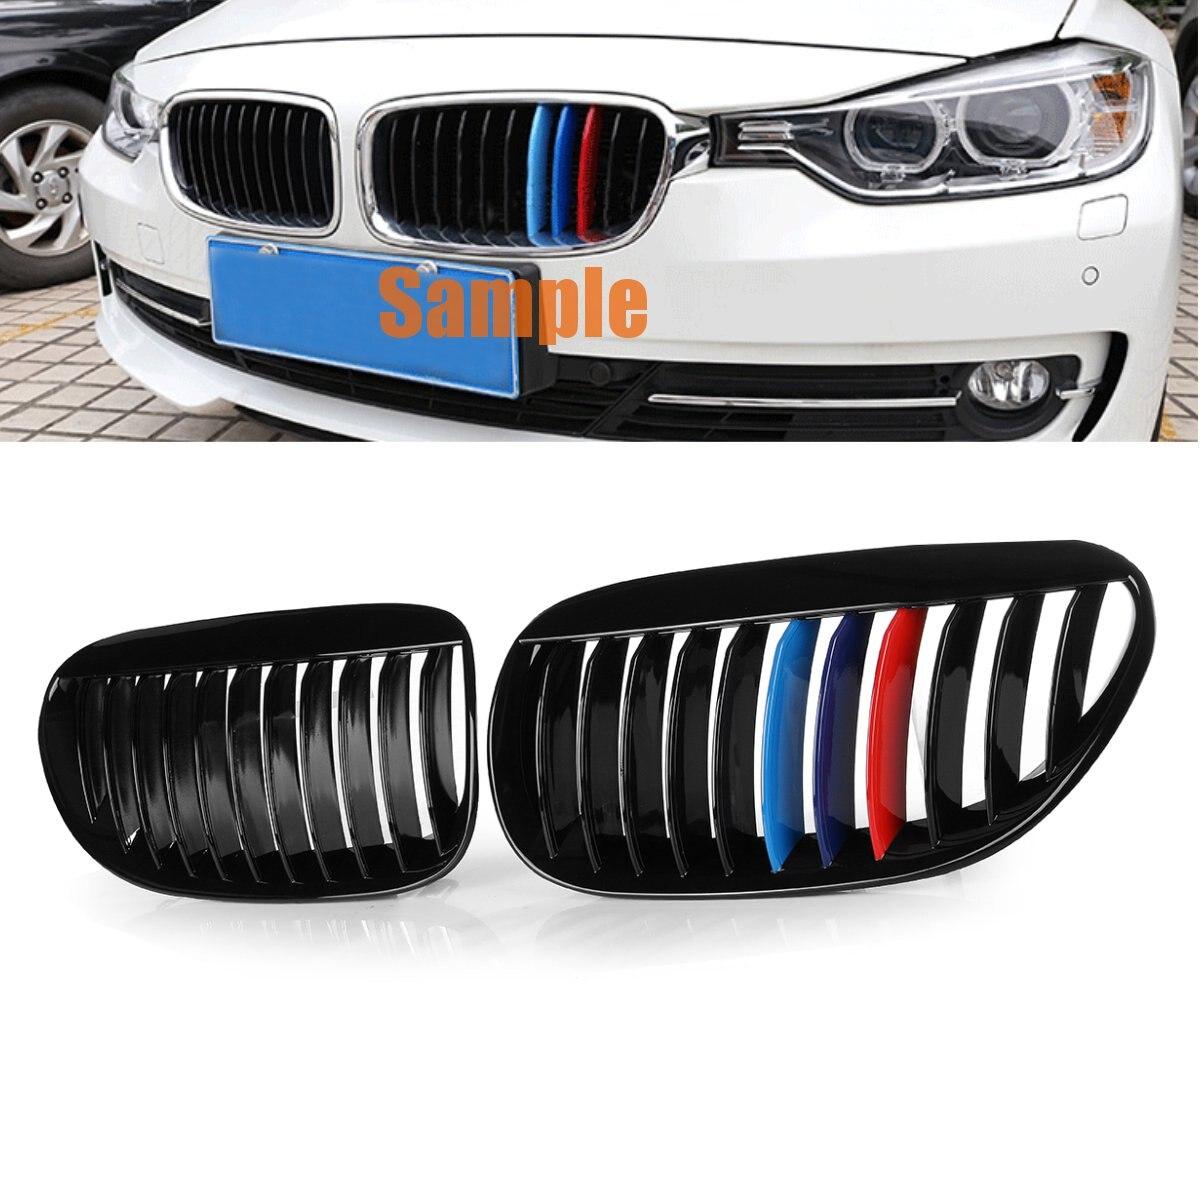 For BMW 6 Series E63 E64 M6 2005 2006 2007 2008 2009 2010